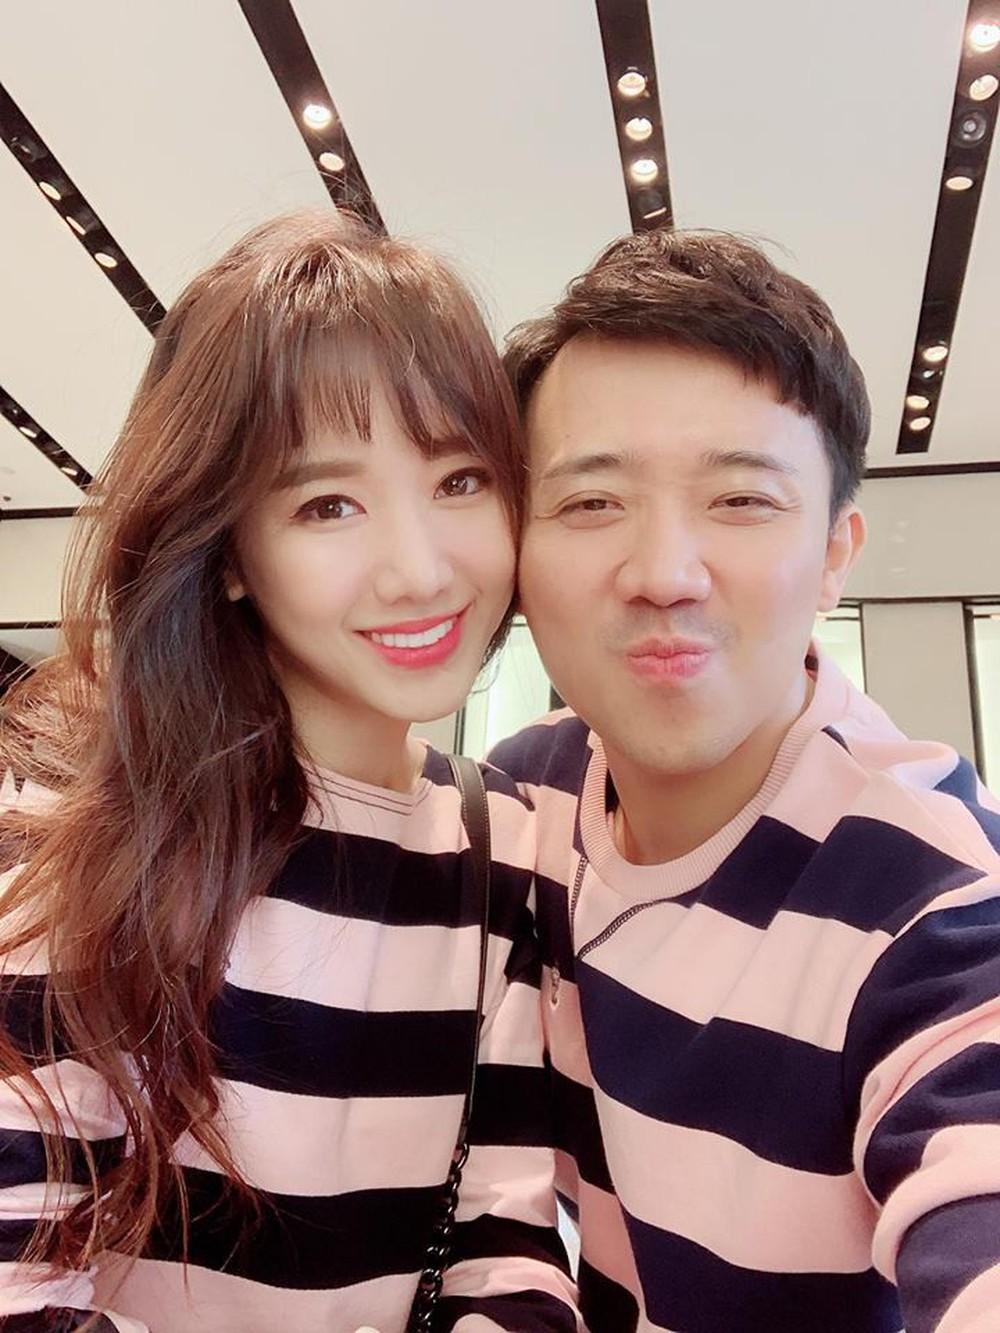 MC Thành Trung: Tôi có đàn ông hay không, câu trả lời nằm ở vợ tôi - Ảnh 4.